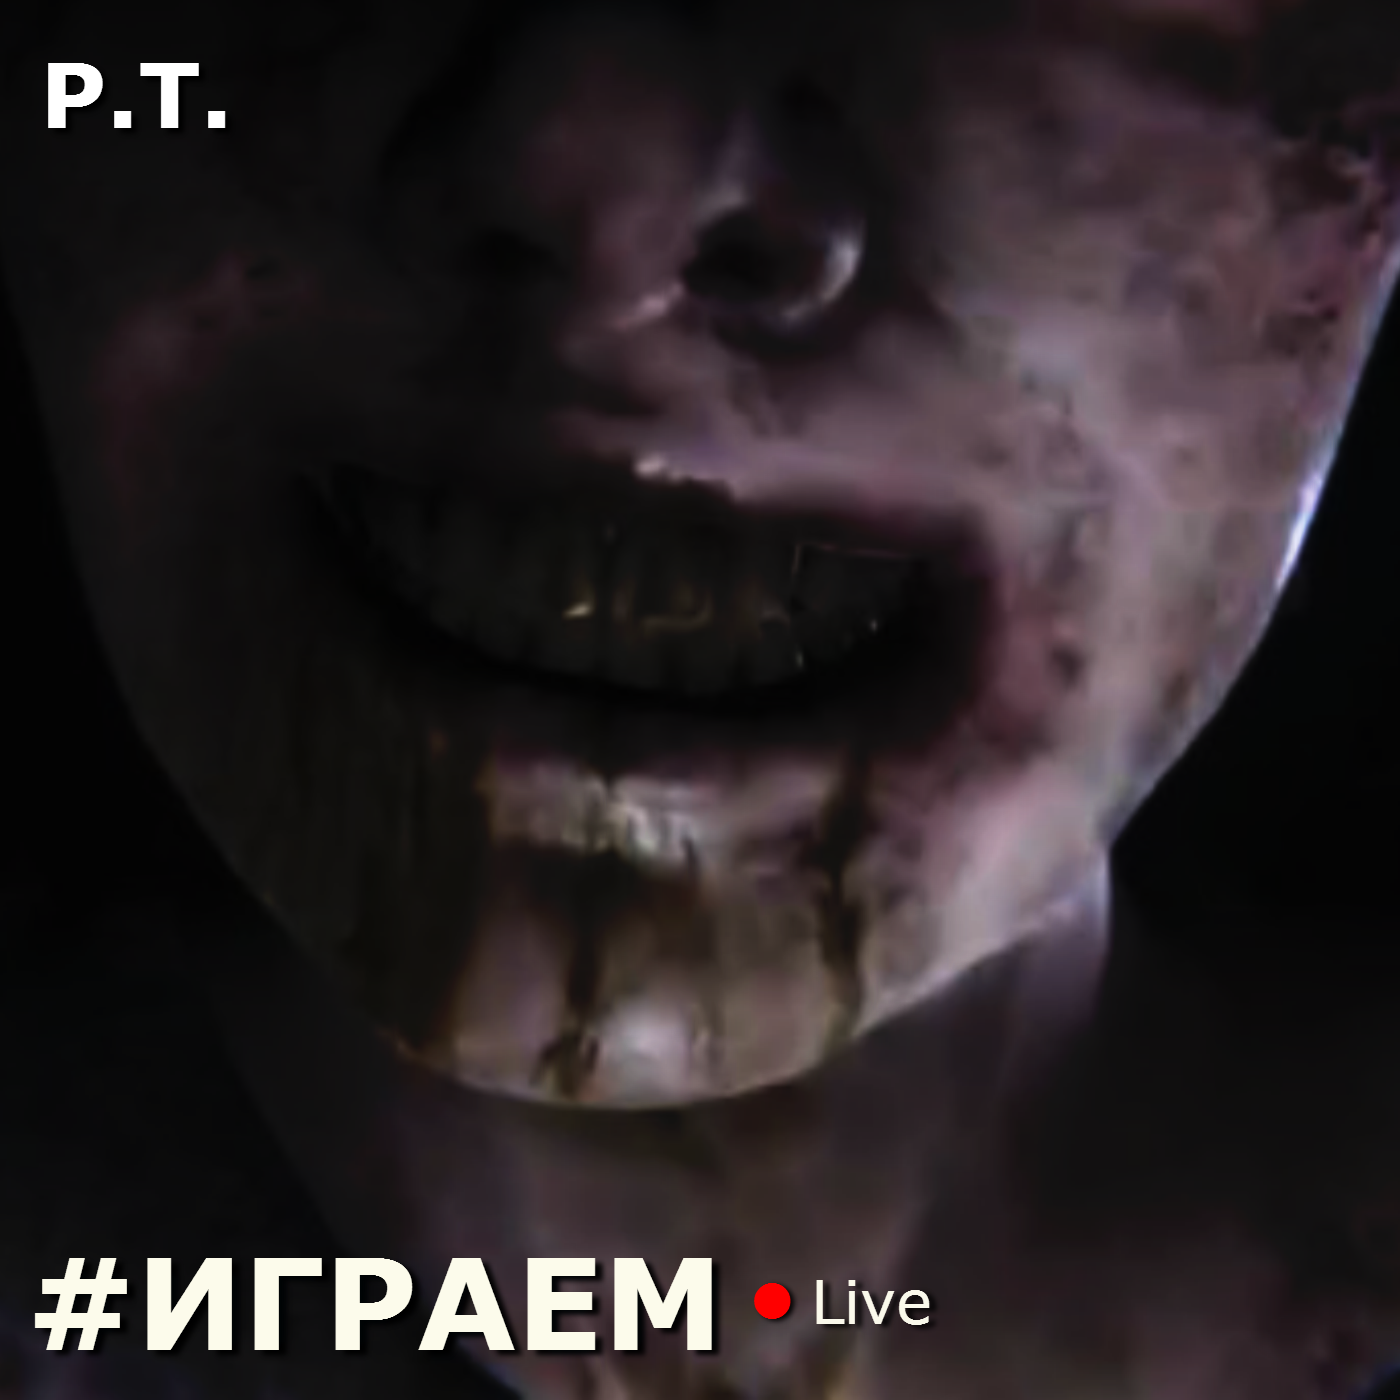 #ИГРАЕМ Live - P.T. - Изображение 1